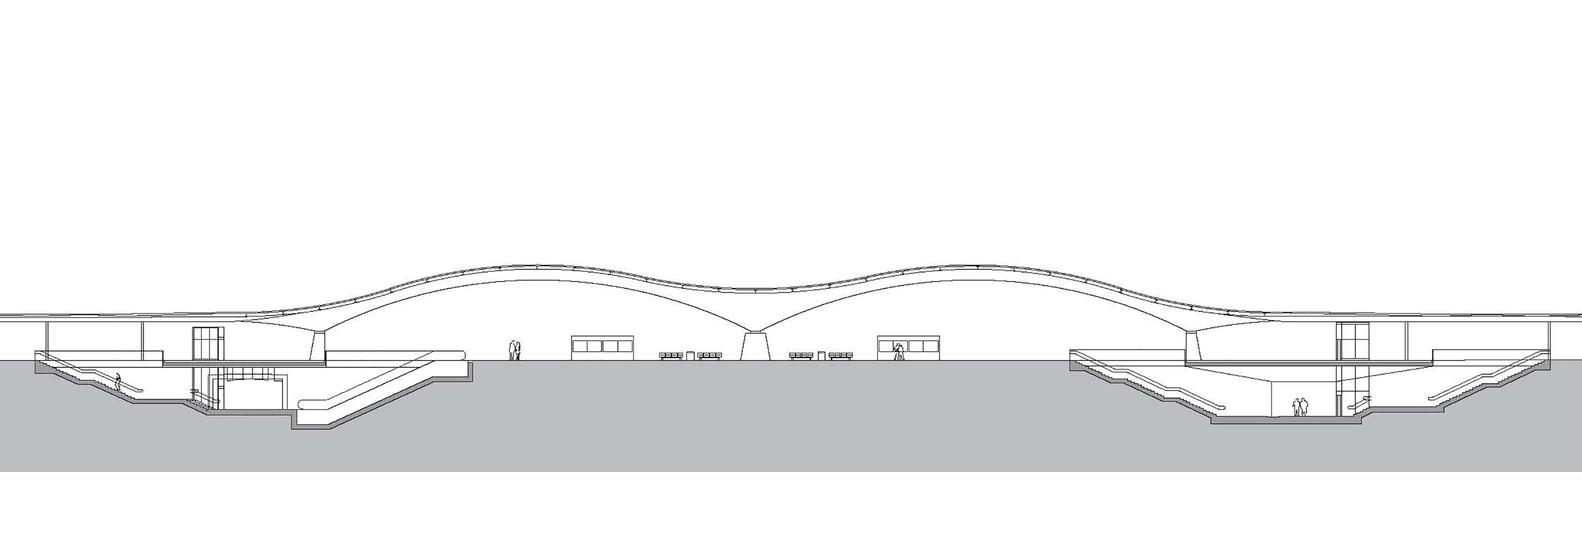 План-чертёж железнодорожного вокзала - Фото 4